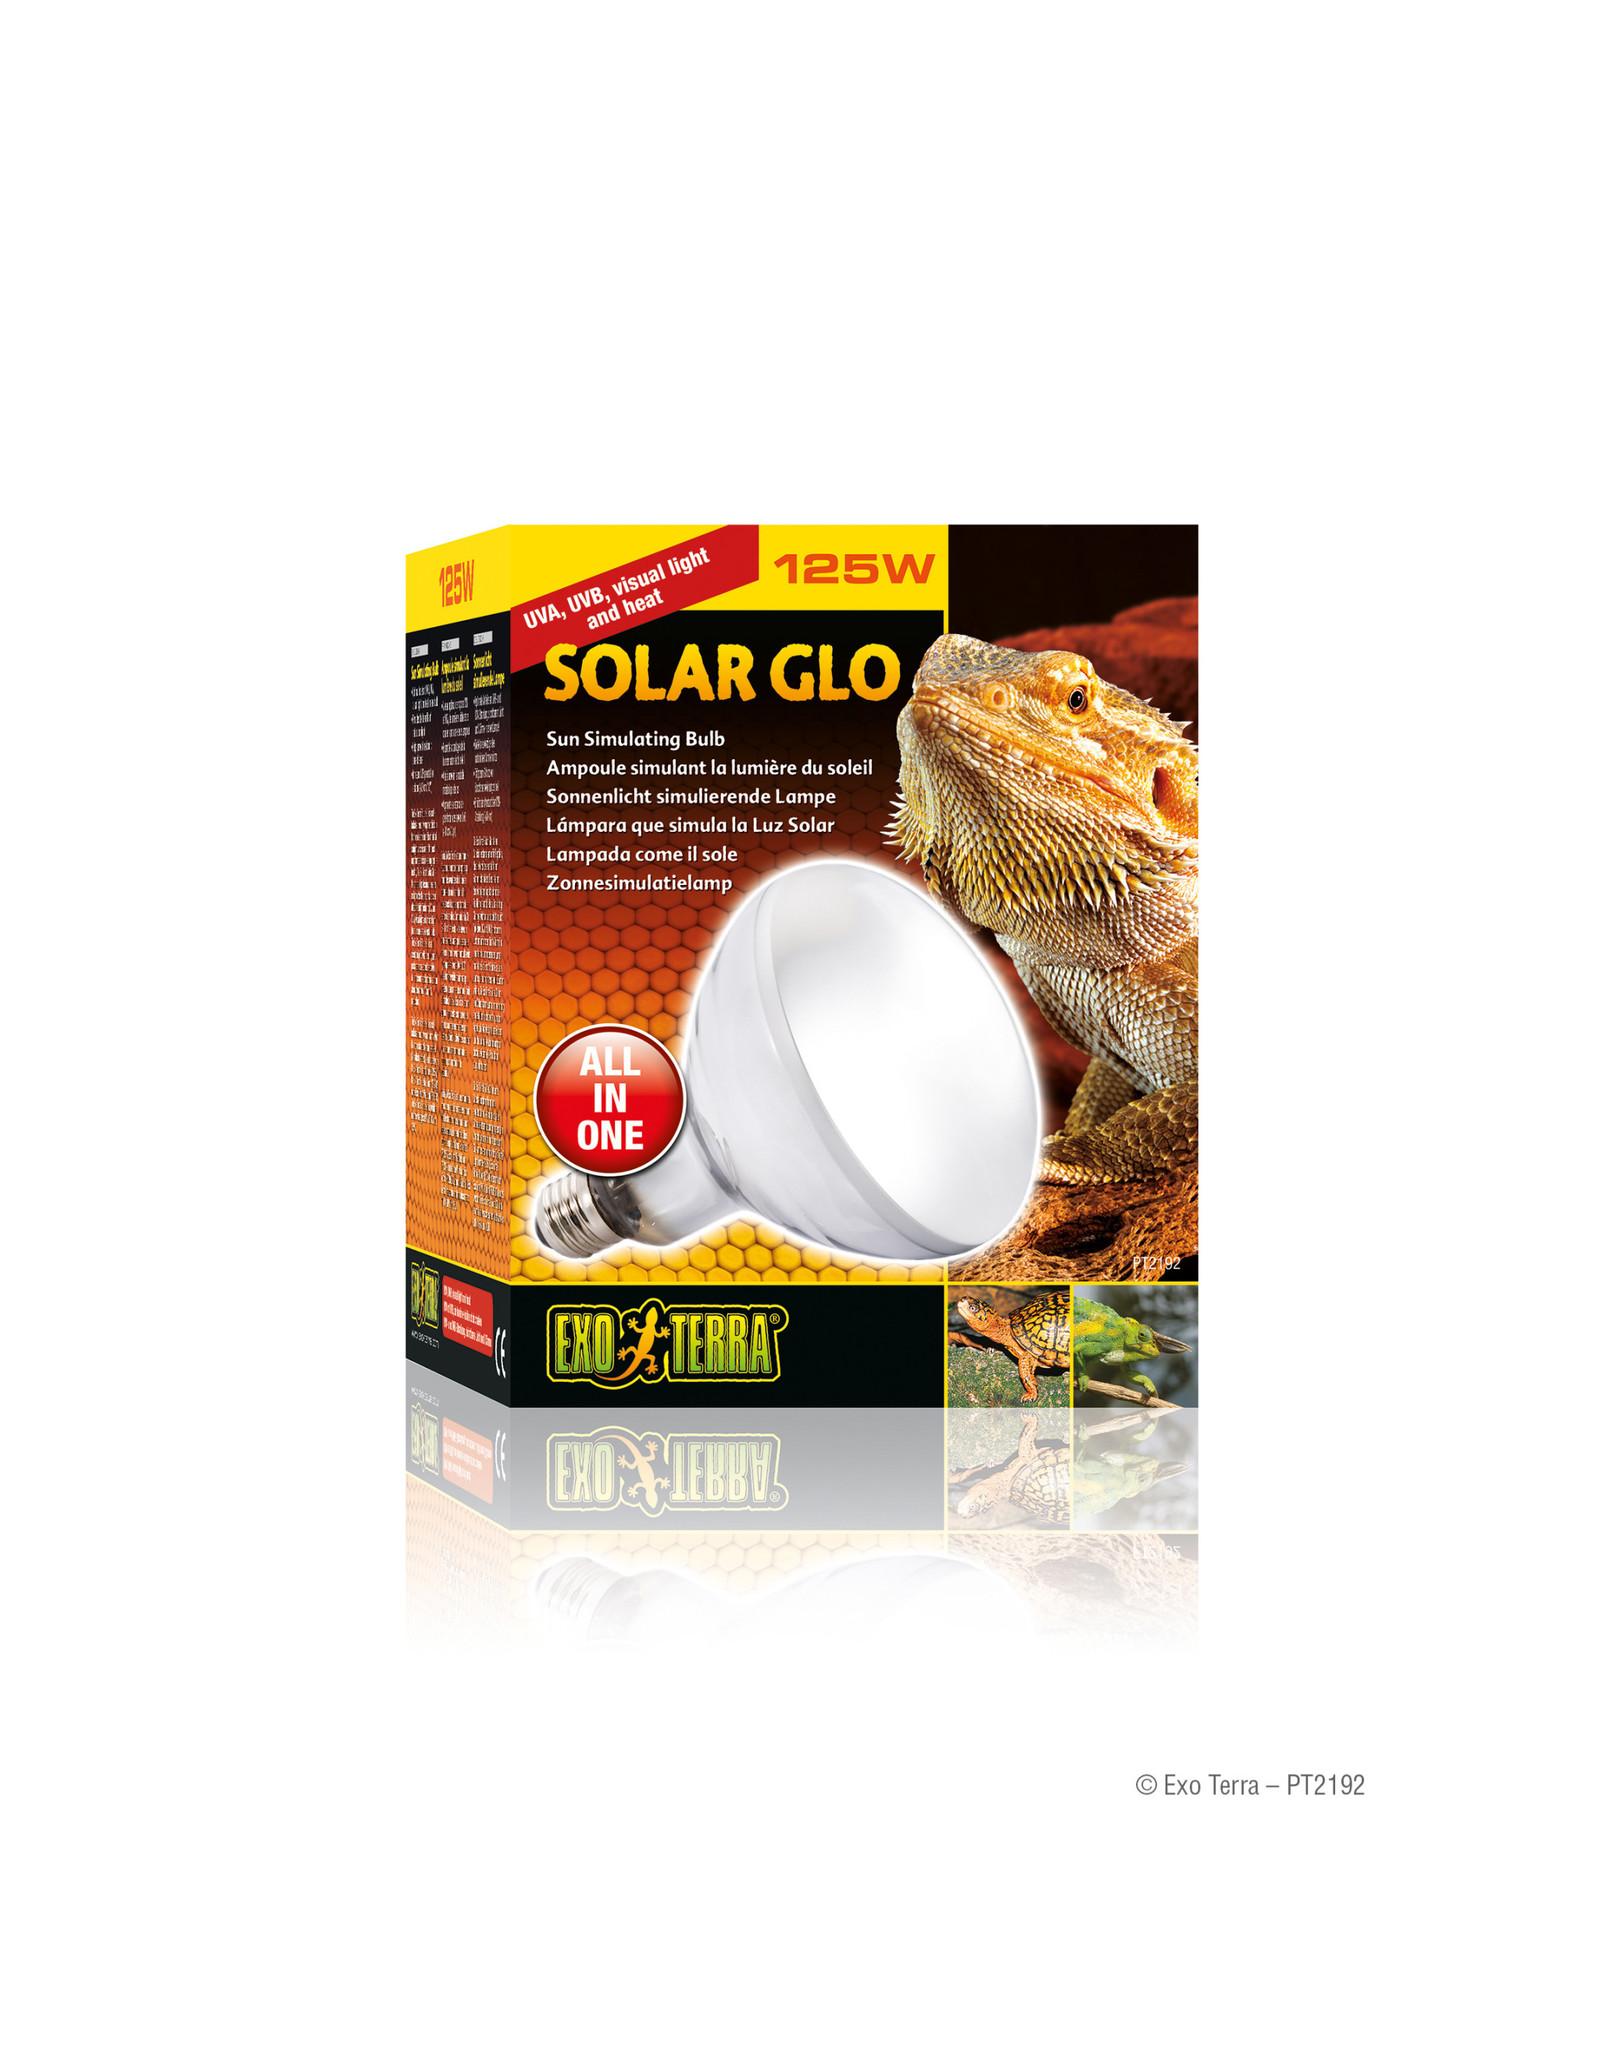 Exo Terra Solar Glo - 125W